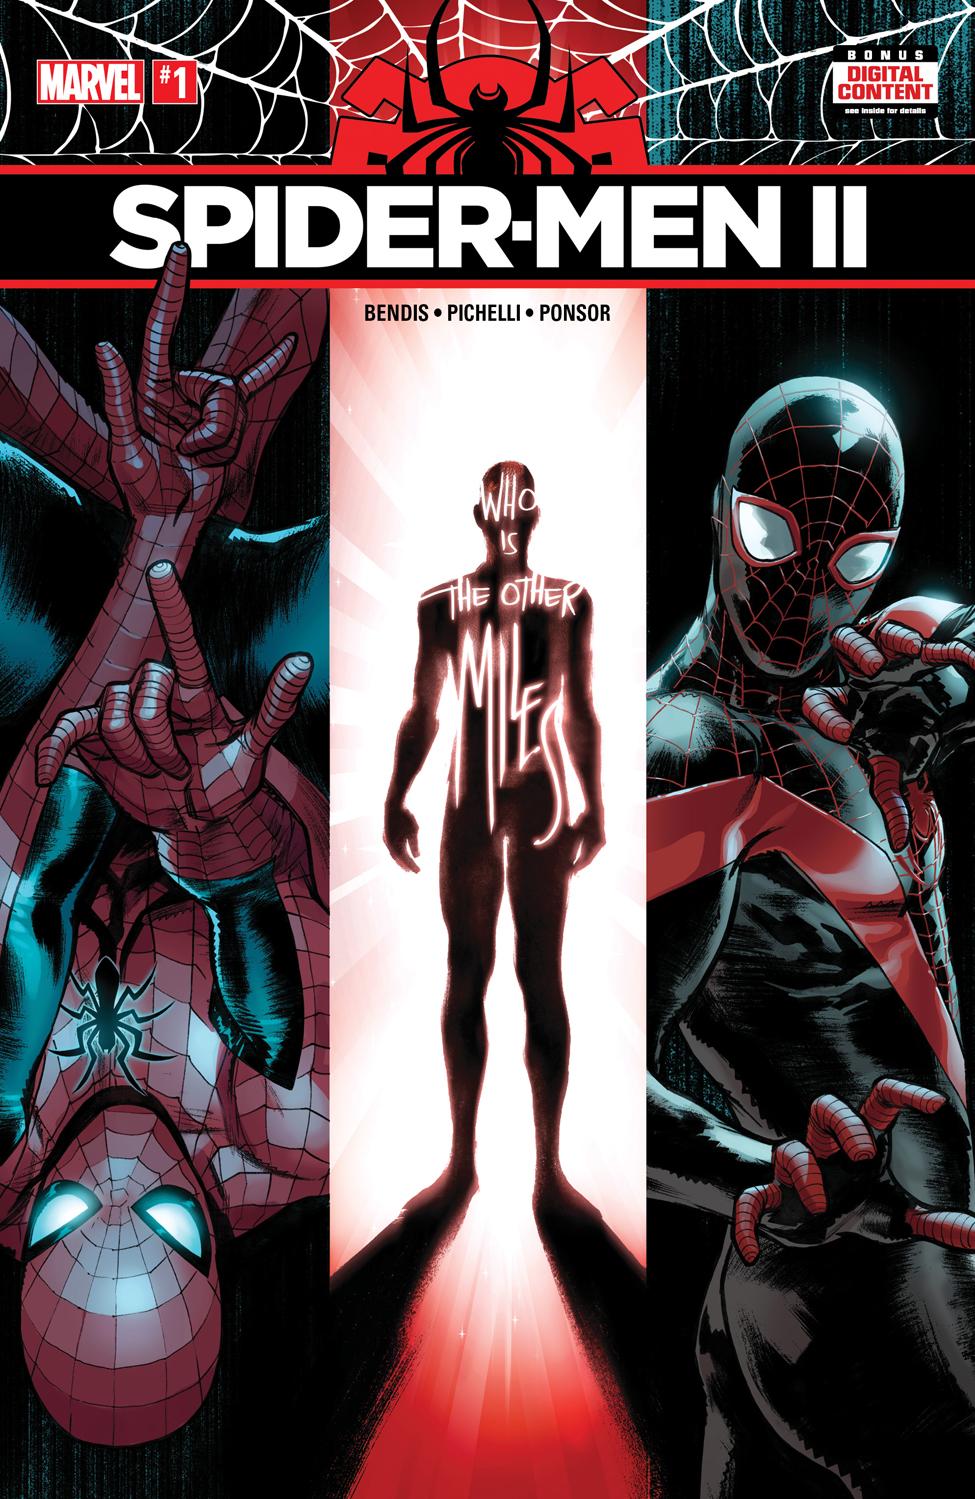 Marvel Previews Spider-Men II